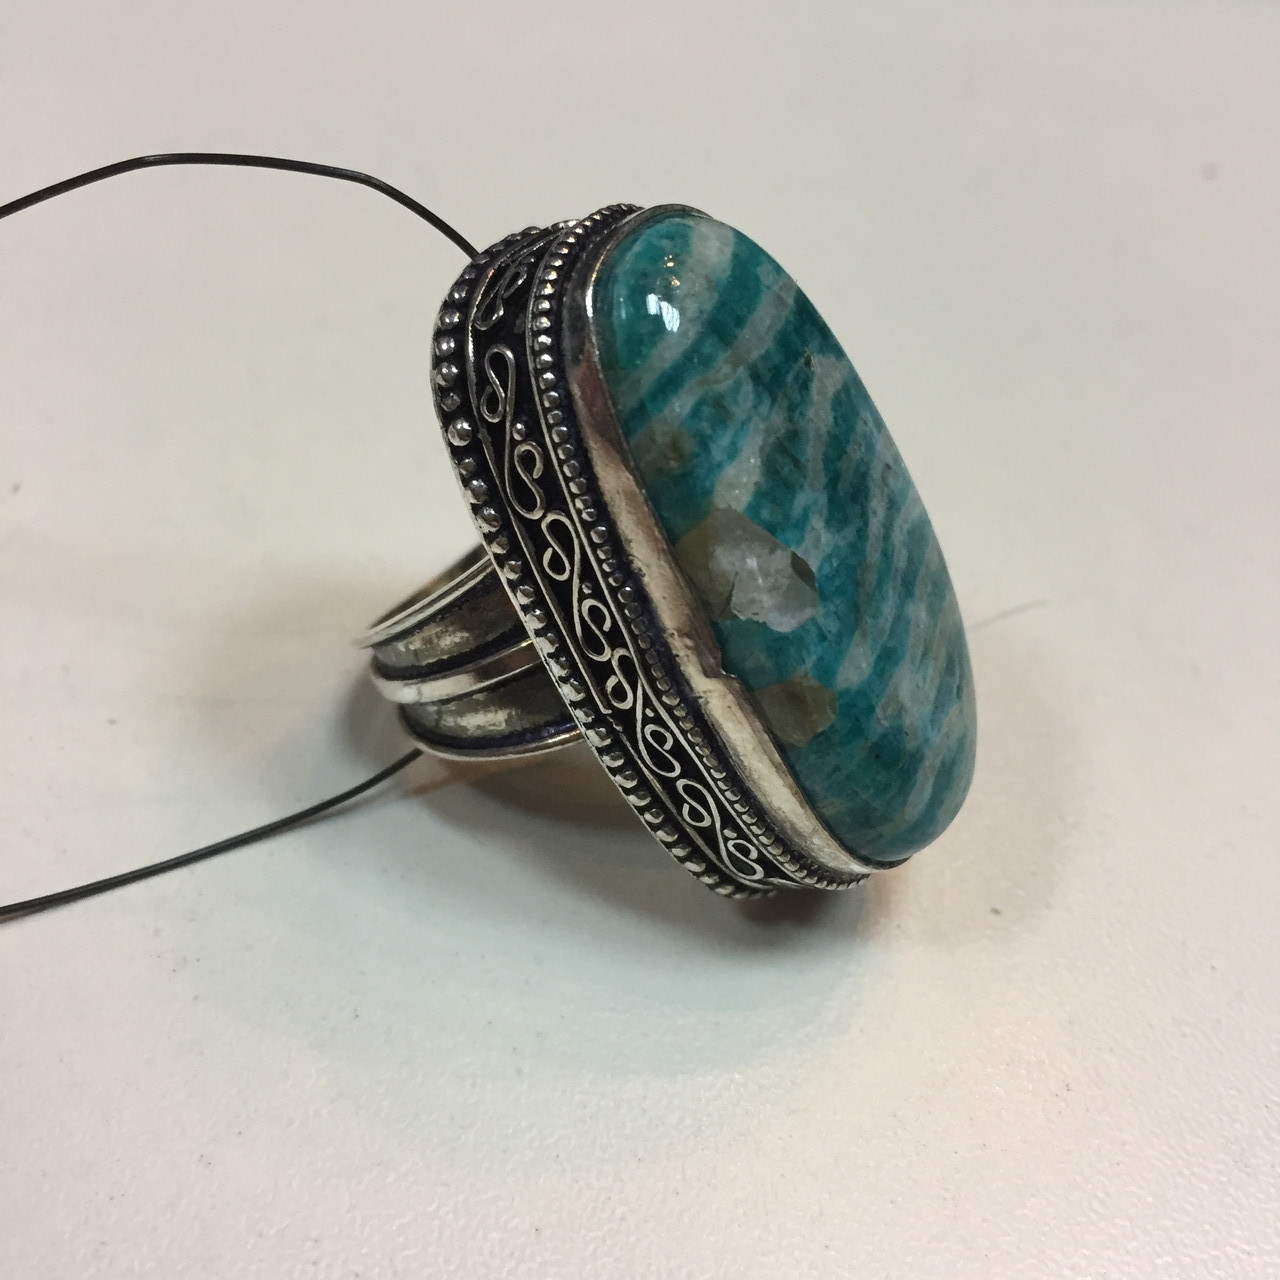 Амазонит овальное кольцо с амазонитом в серебре. Природный амазонит 17,5 размер Индия